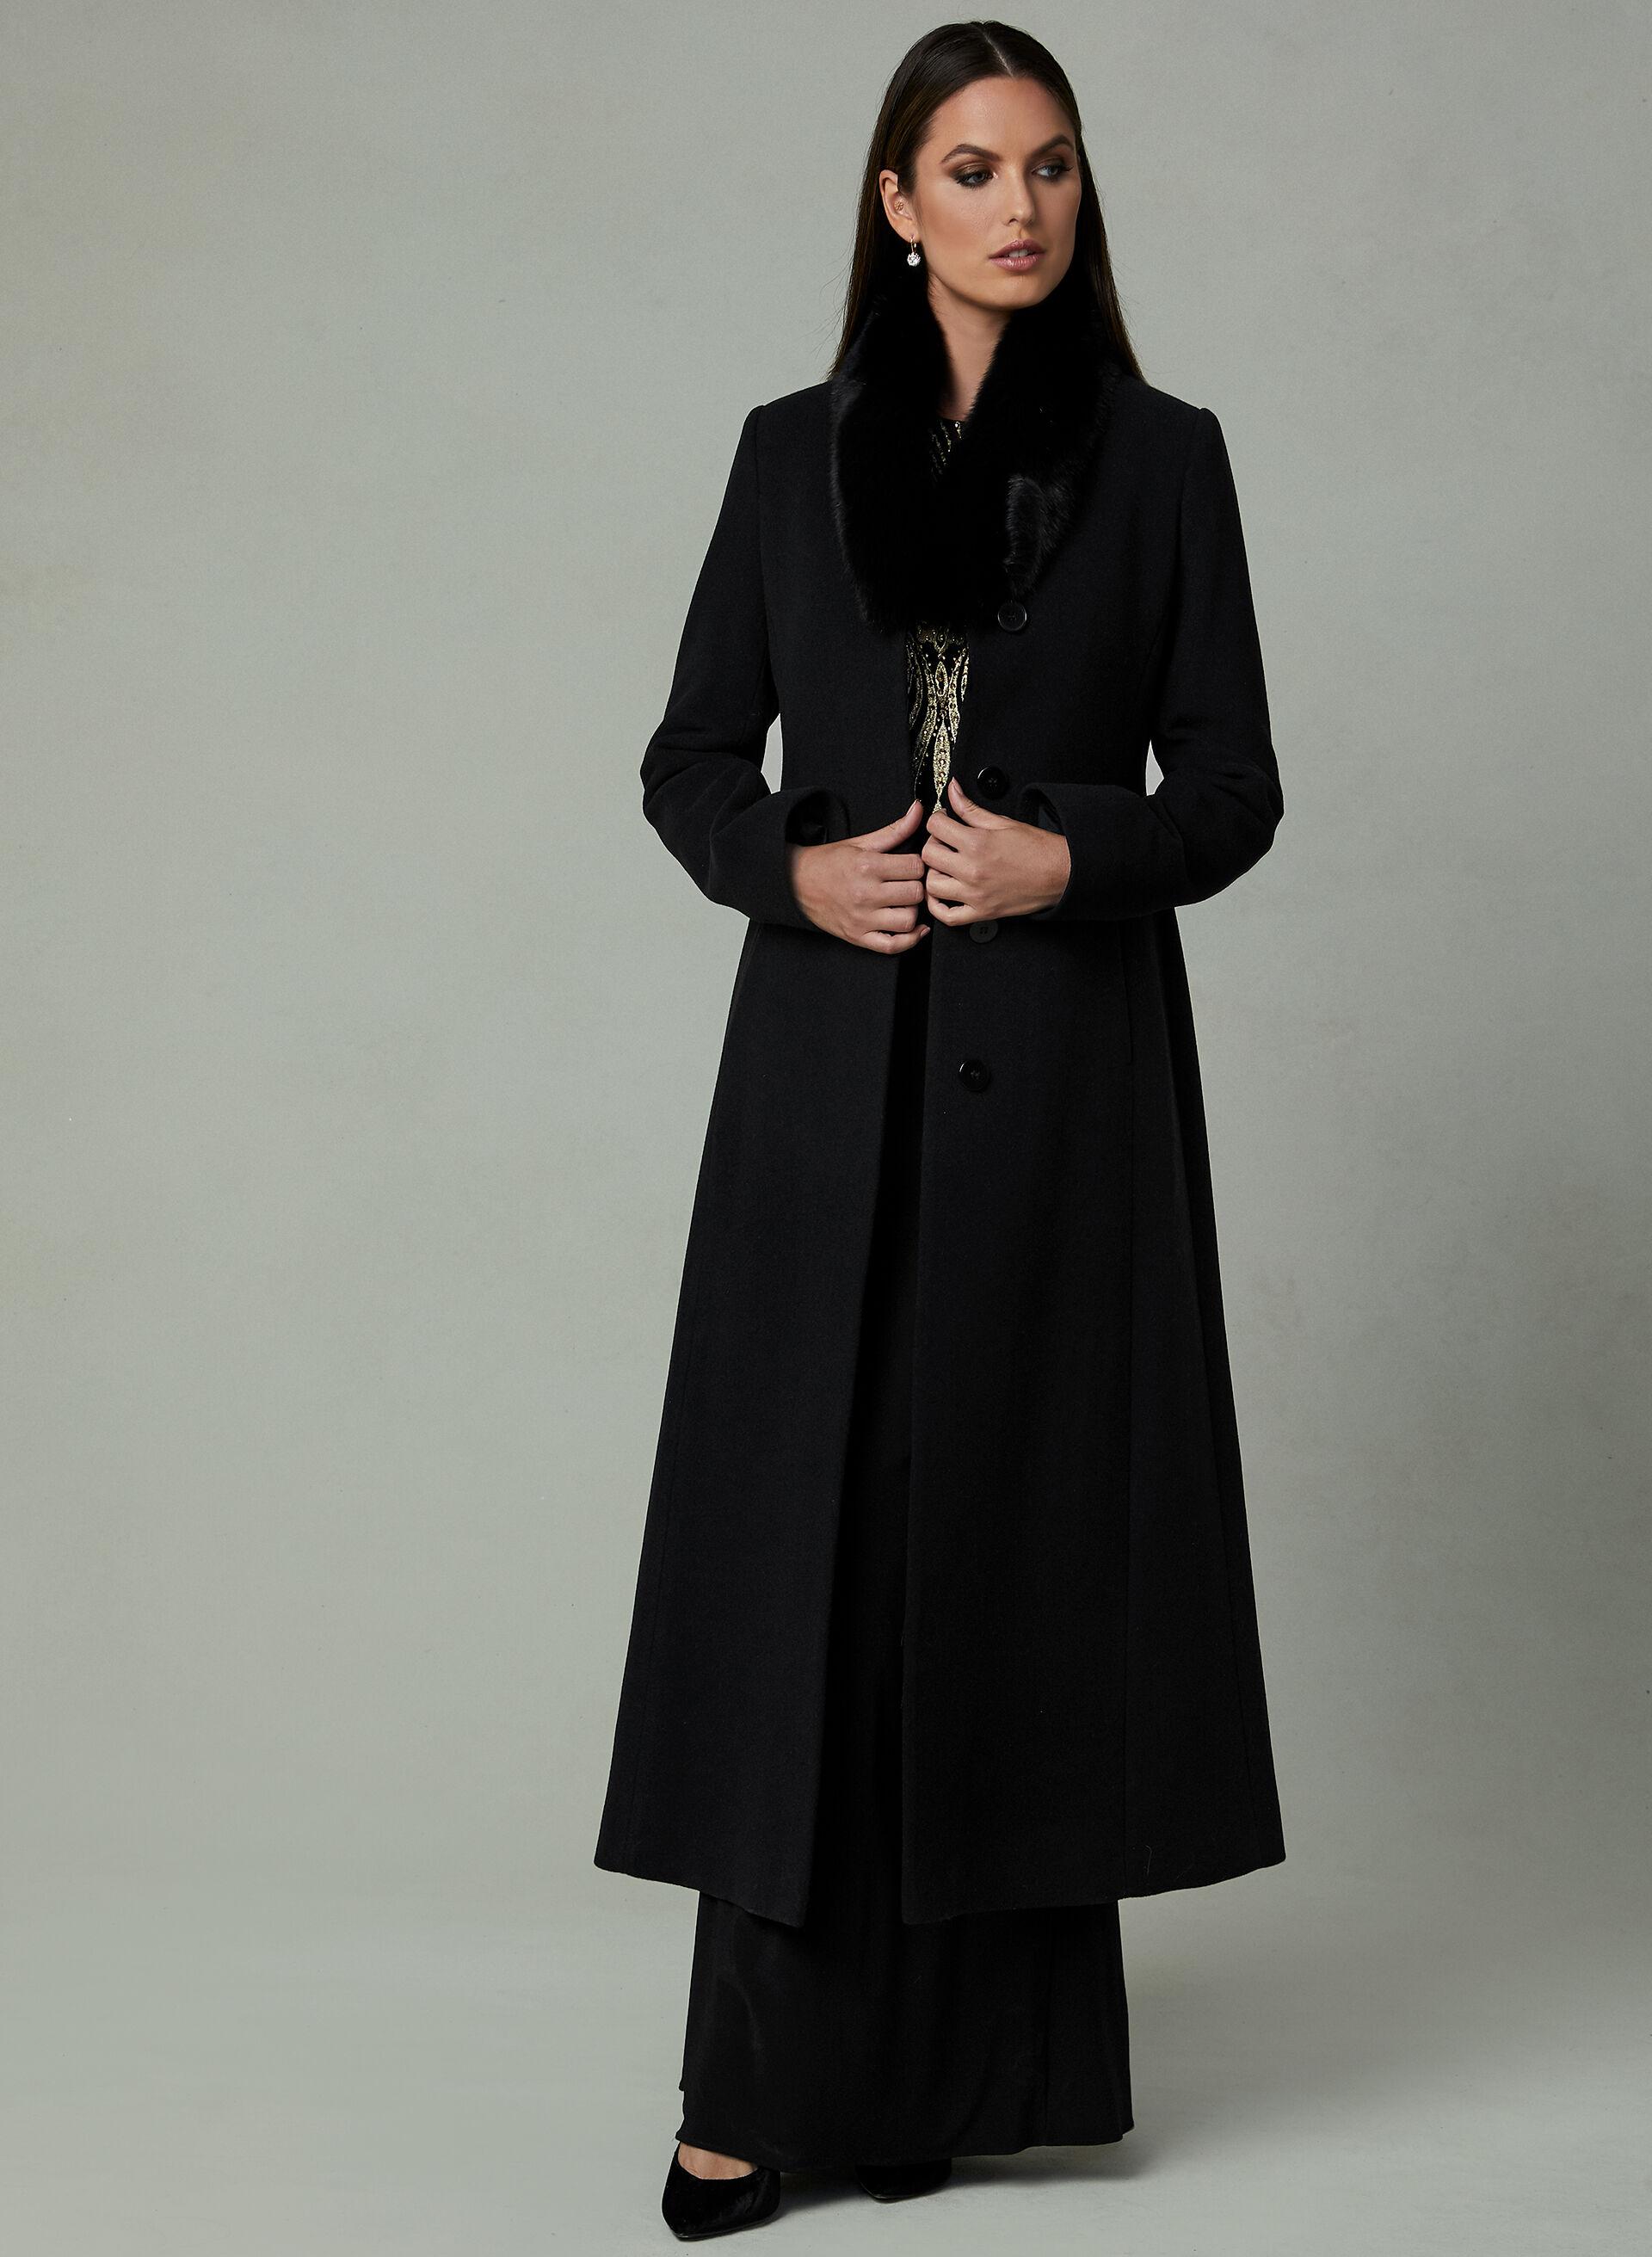 Pour Femme Manteaux Vêtements Lyne Melanie qUgXg5